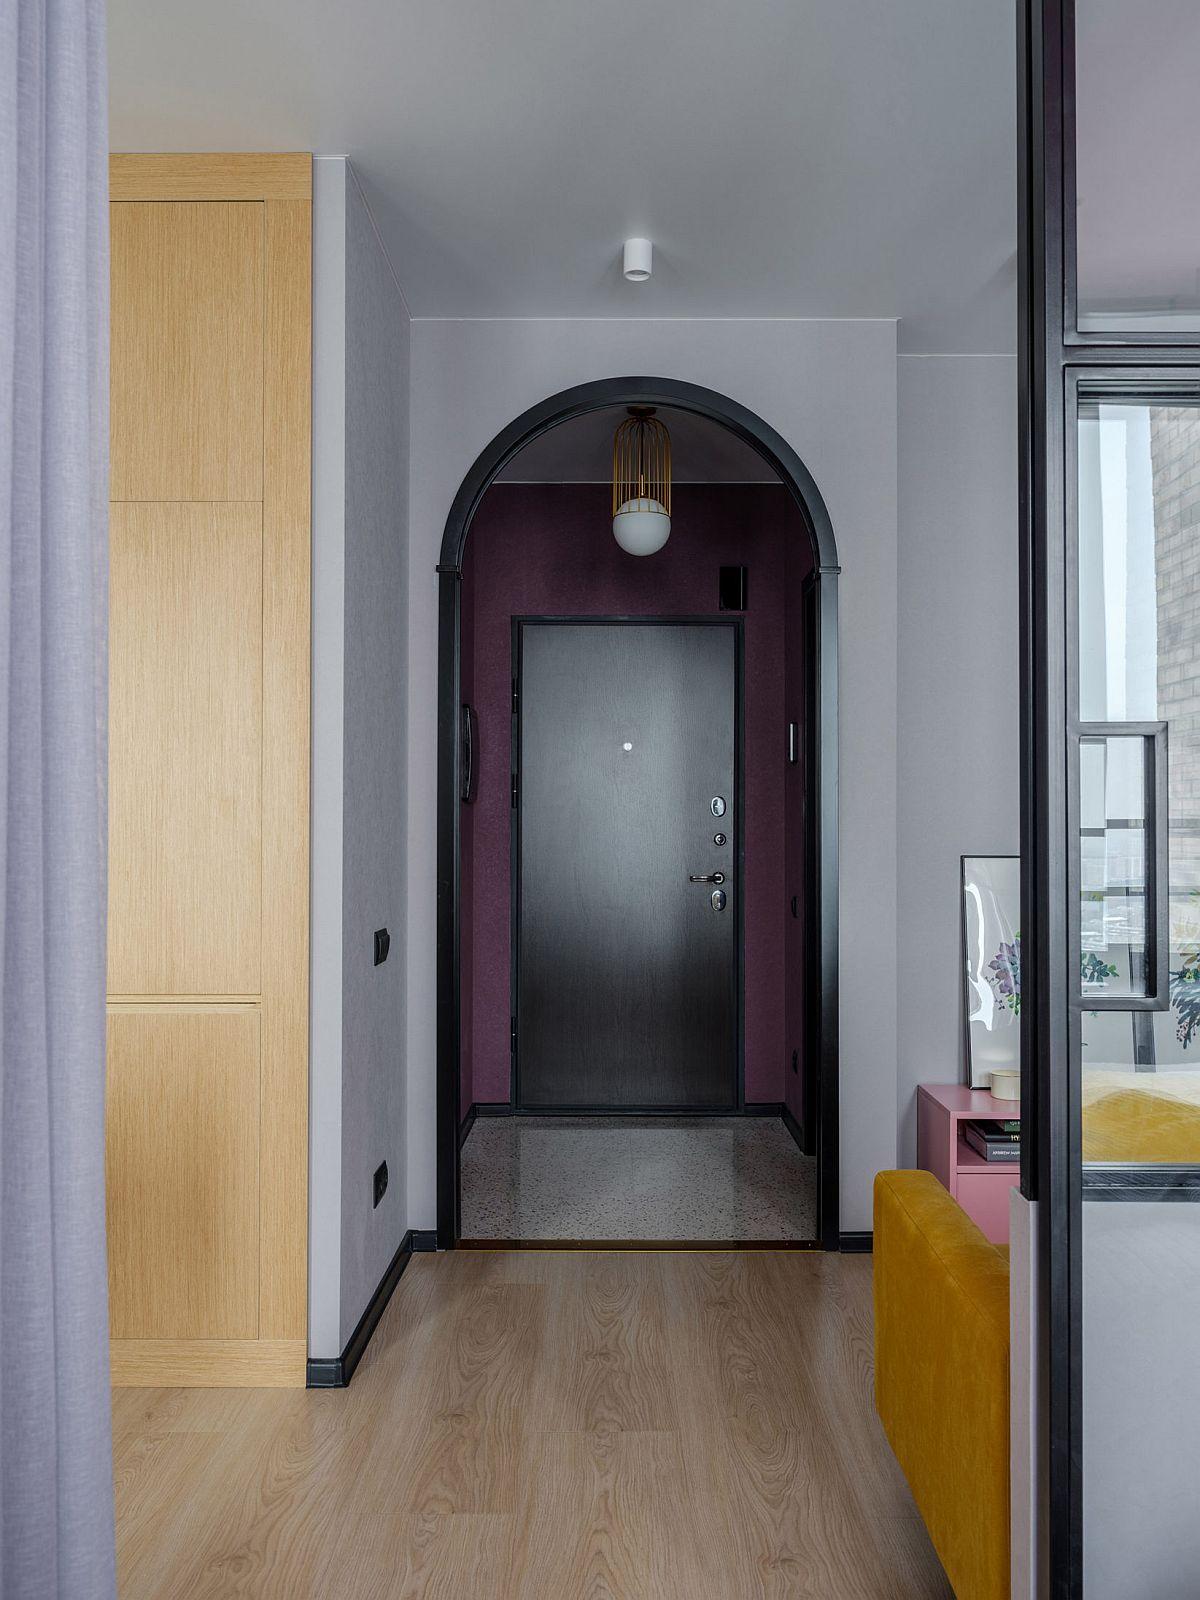 Din micul hol de la intrarea în locuință se accede în baie, care a fost ușor mărită către hol.